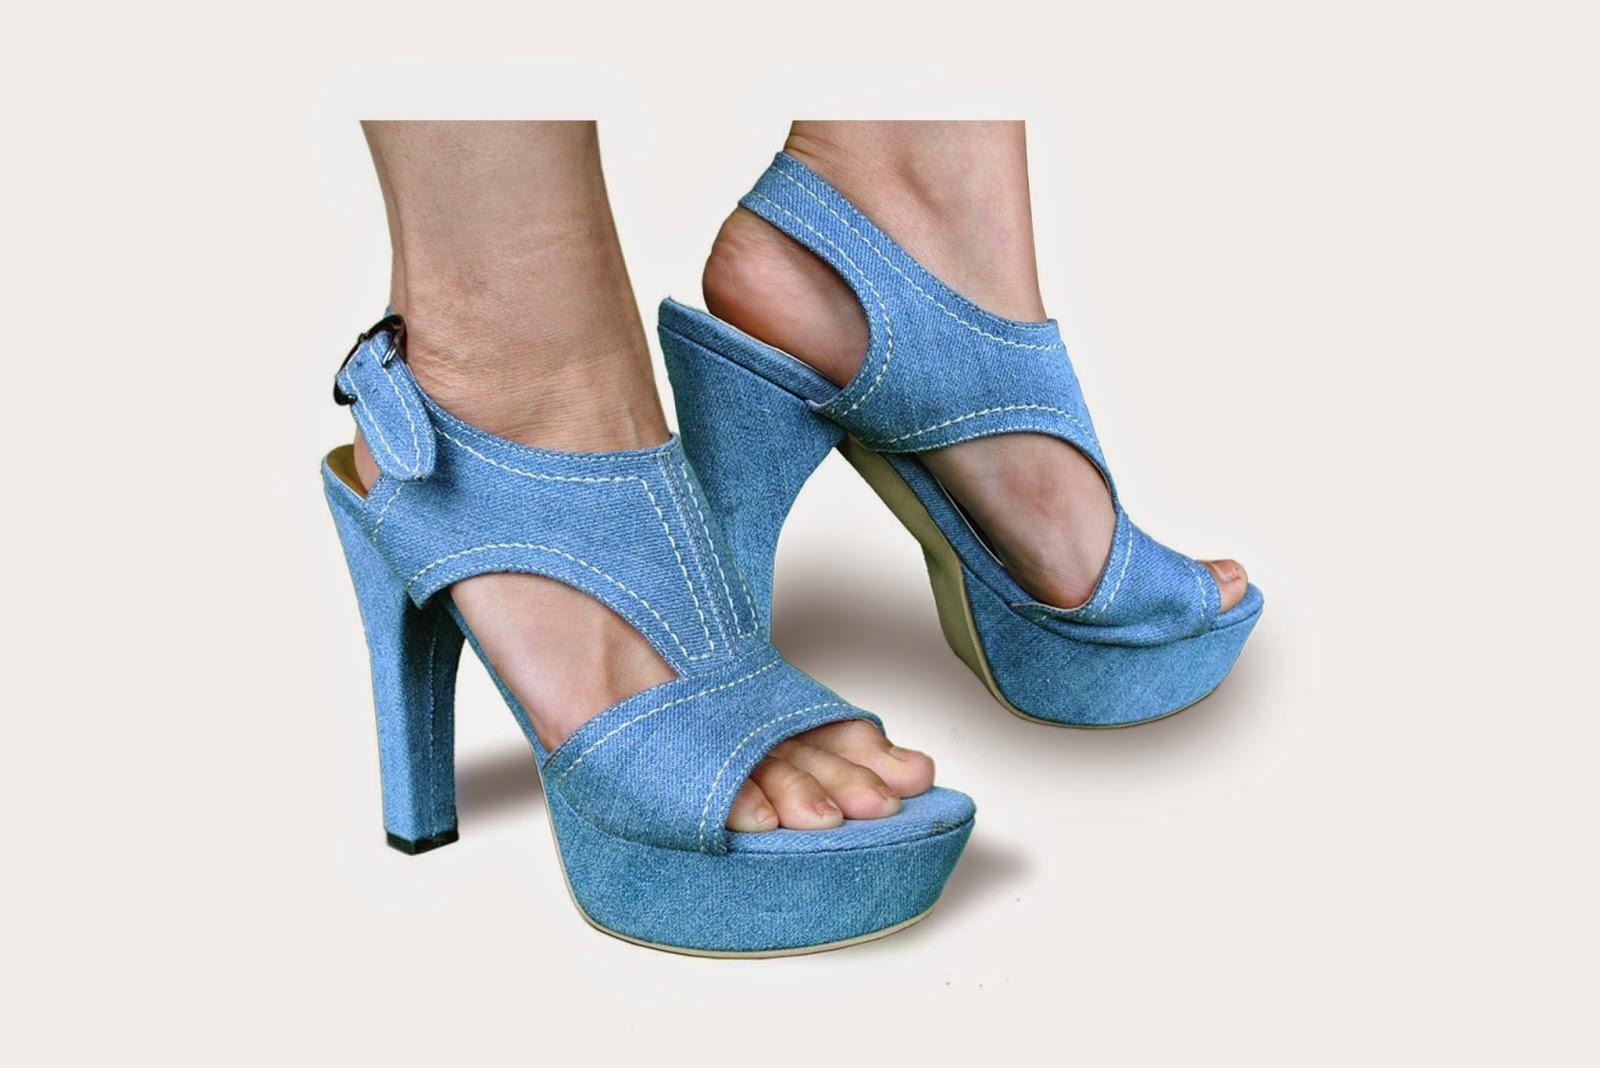 Jual Sandal High Heels Cibaduyut , Grosir Sandal High Heels Cibaduyut , Sandal High Heels Cibaduyut  Harga Murah, Sandal High Heels Cibaduyut  Online Murah